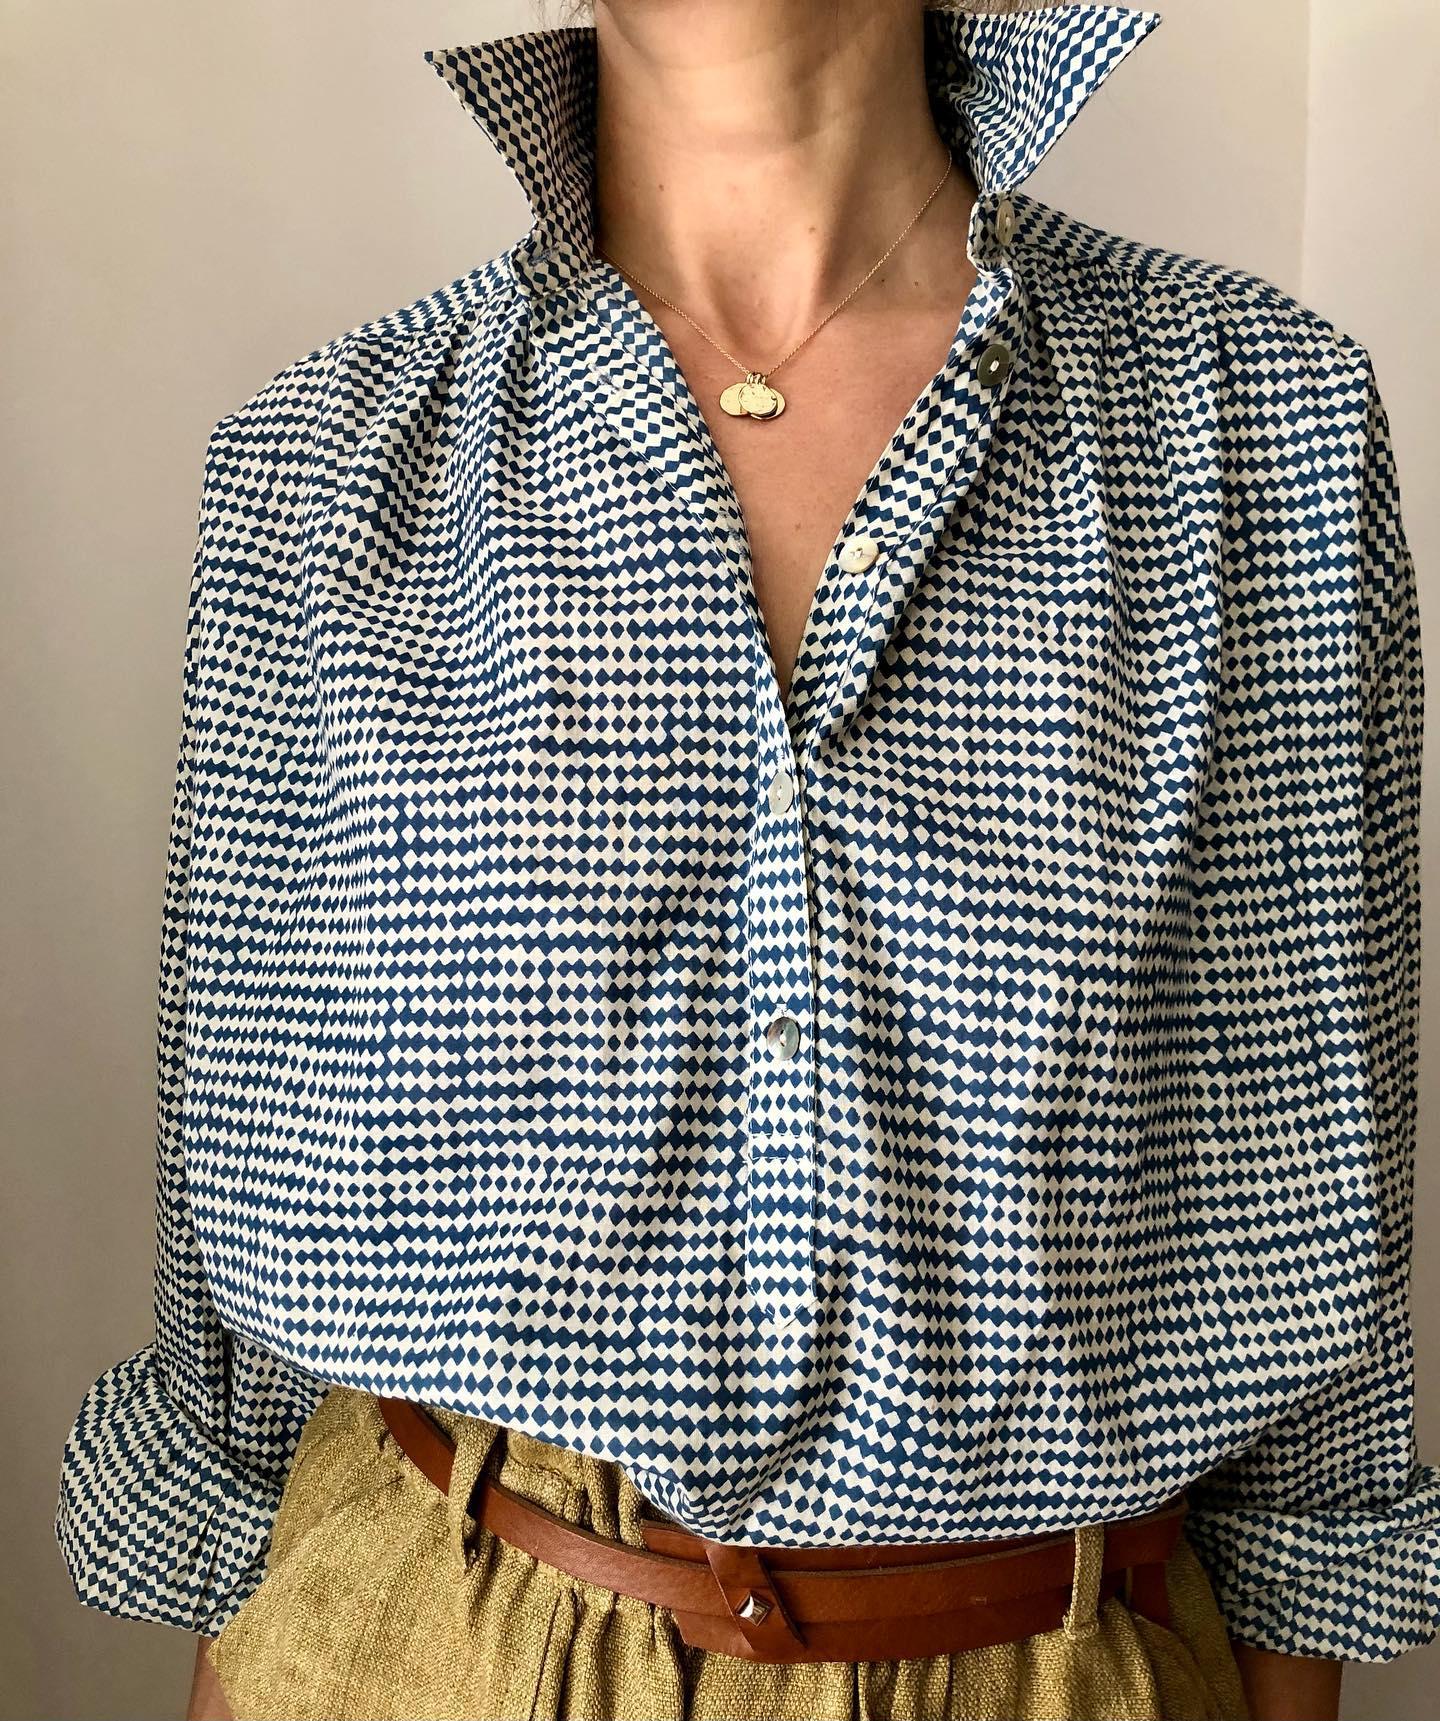 Chemise imprimée losange bleu et ceinture réglable Les basiques de la nouvelle collection #enligne #lesheuresparis.fr  #coton #cuir #ceinture #coloresclothing #herbertfreresoeurhttps://www.instagram.com/p/CM-N_QMFc8d/